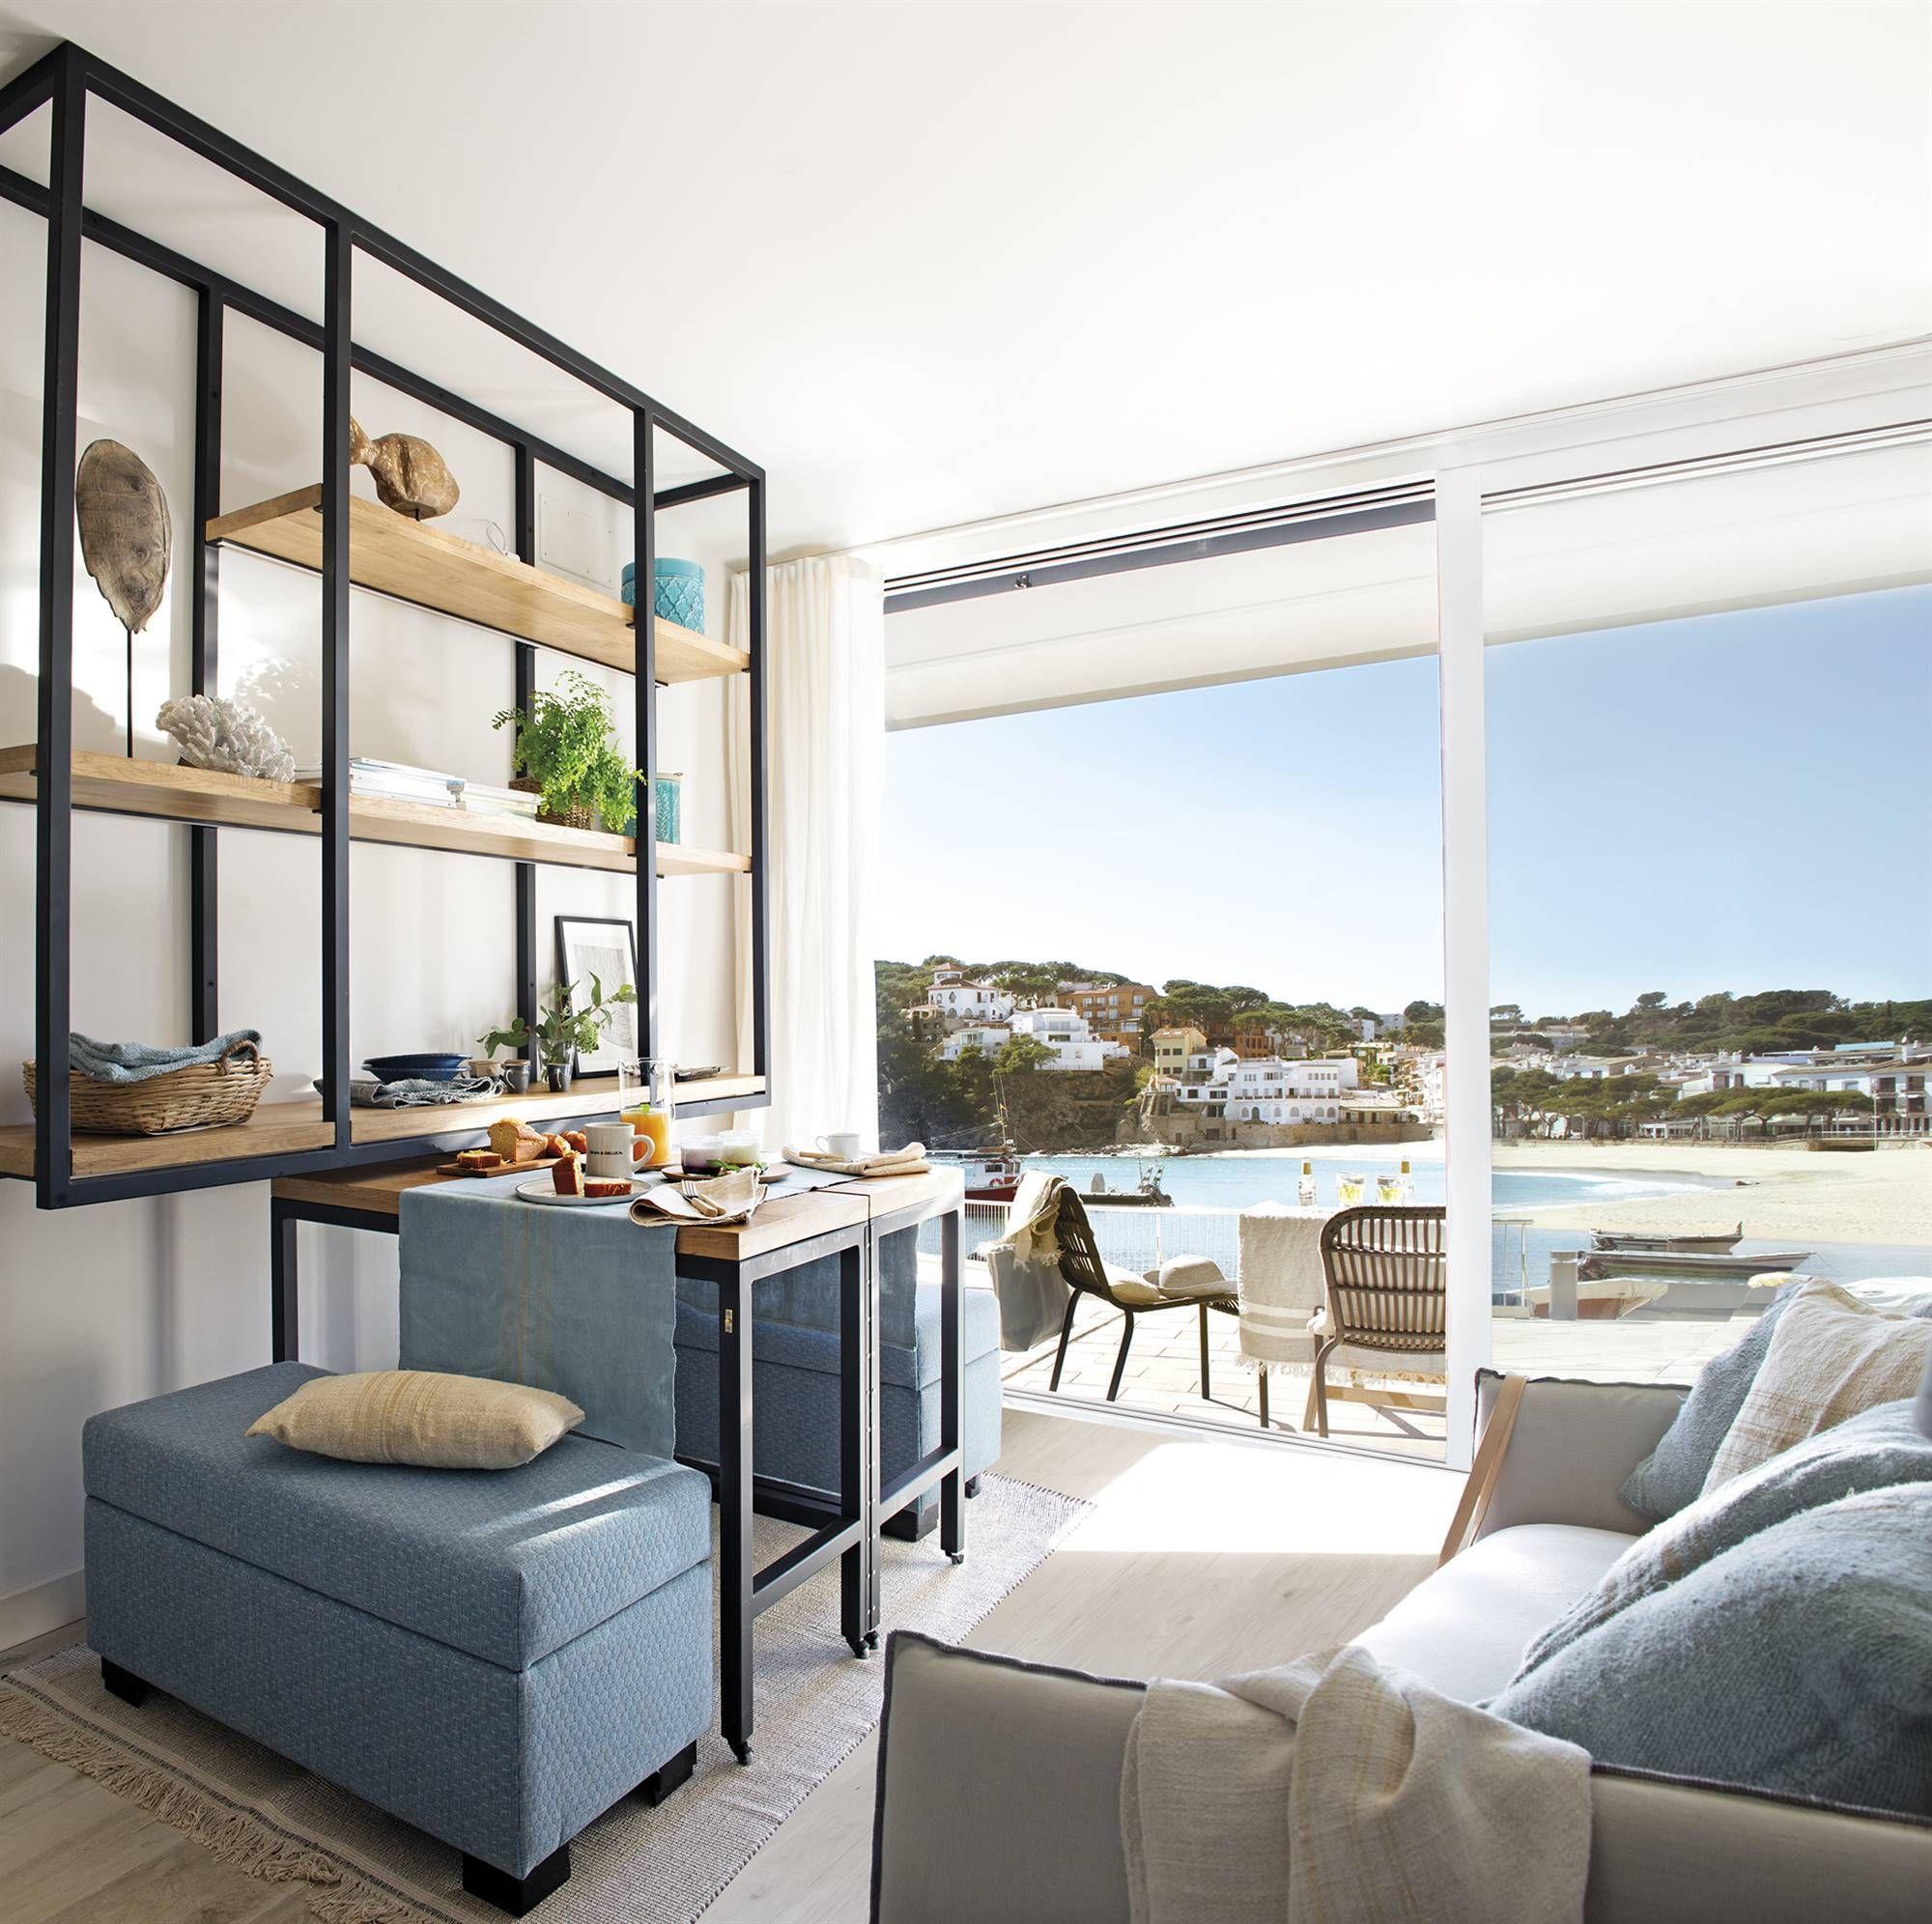 Una casa de 200 m20 en 20 plantas ¡Y el mar! en 200200  Comedores